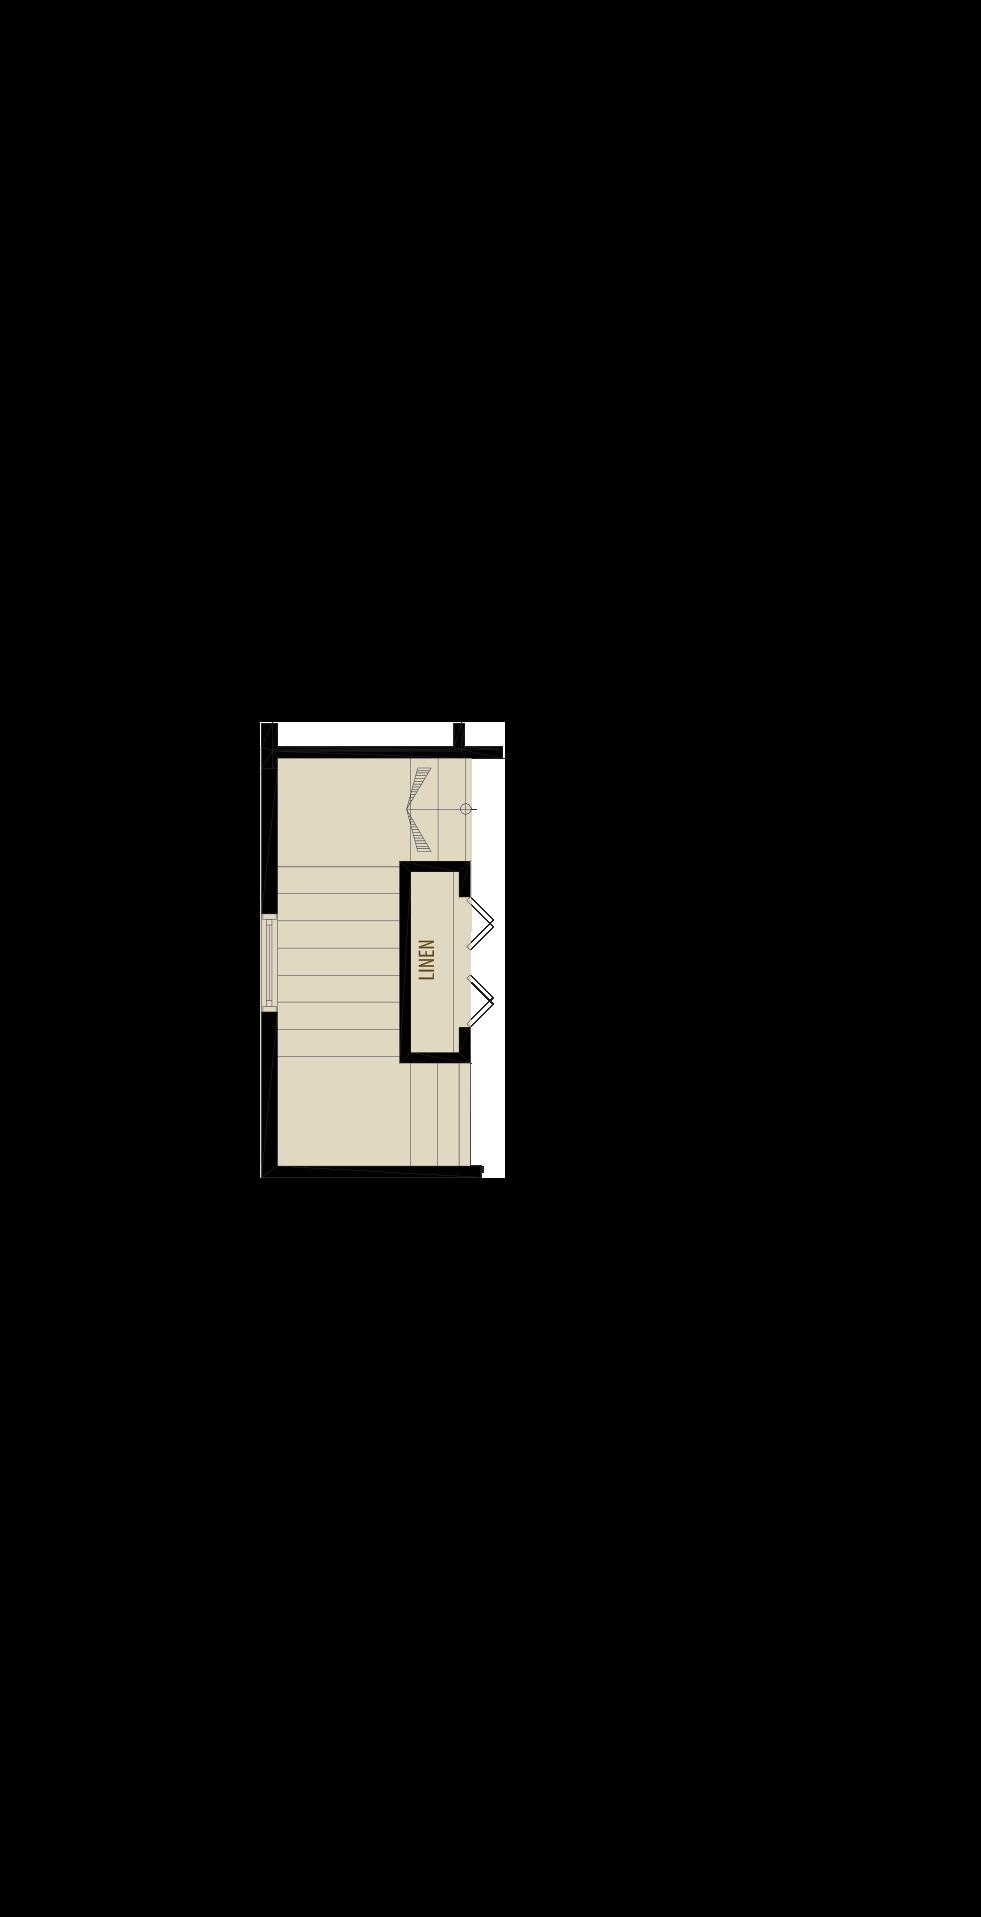 9 Main Floor